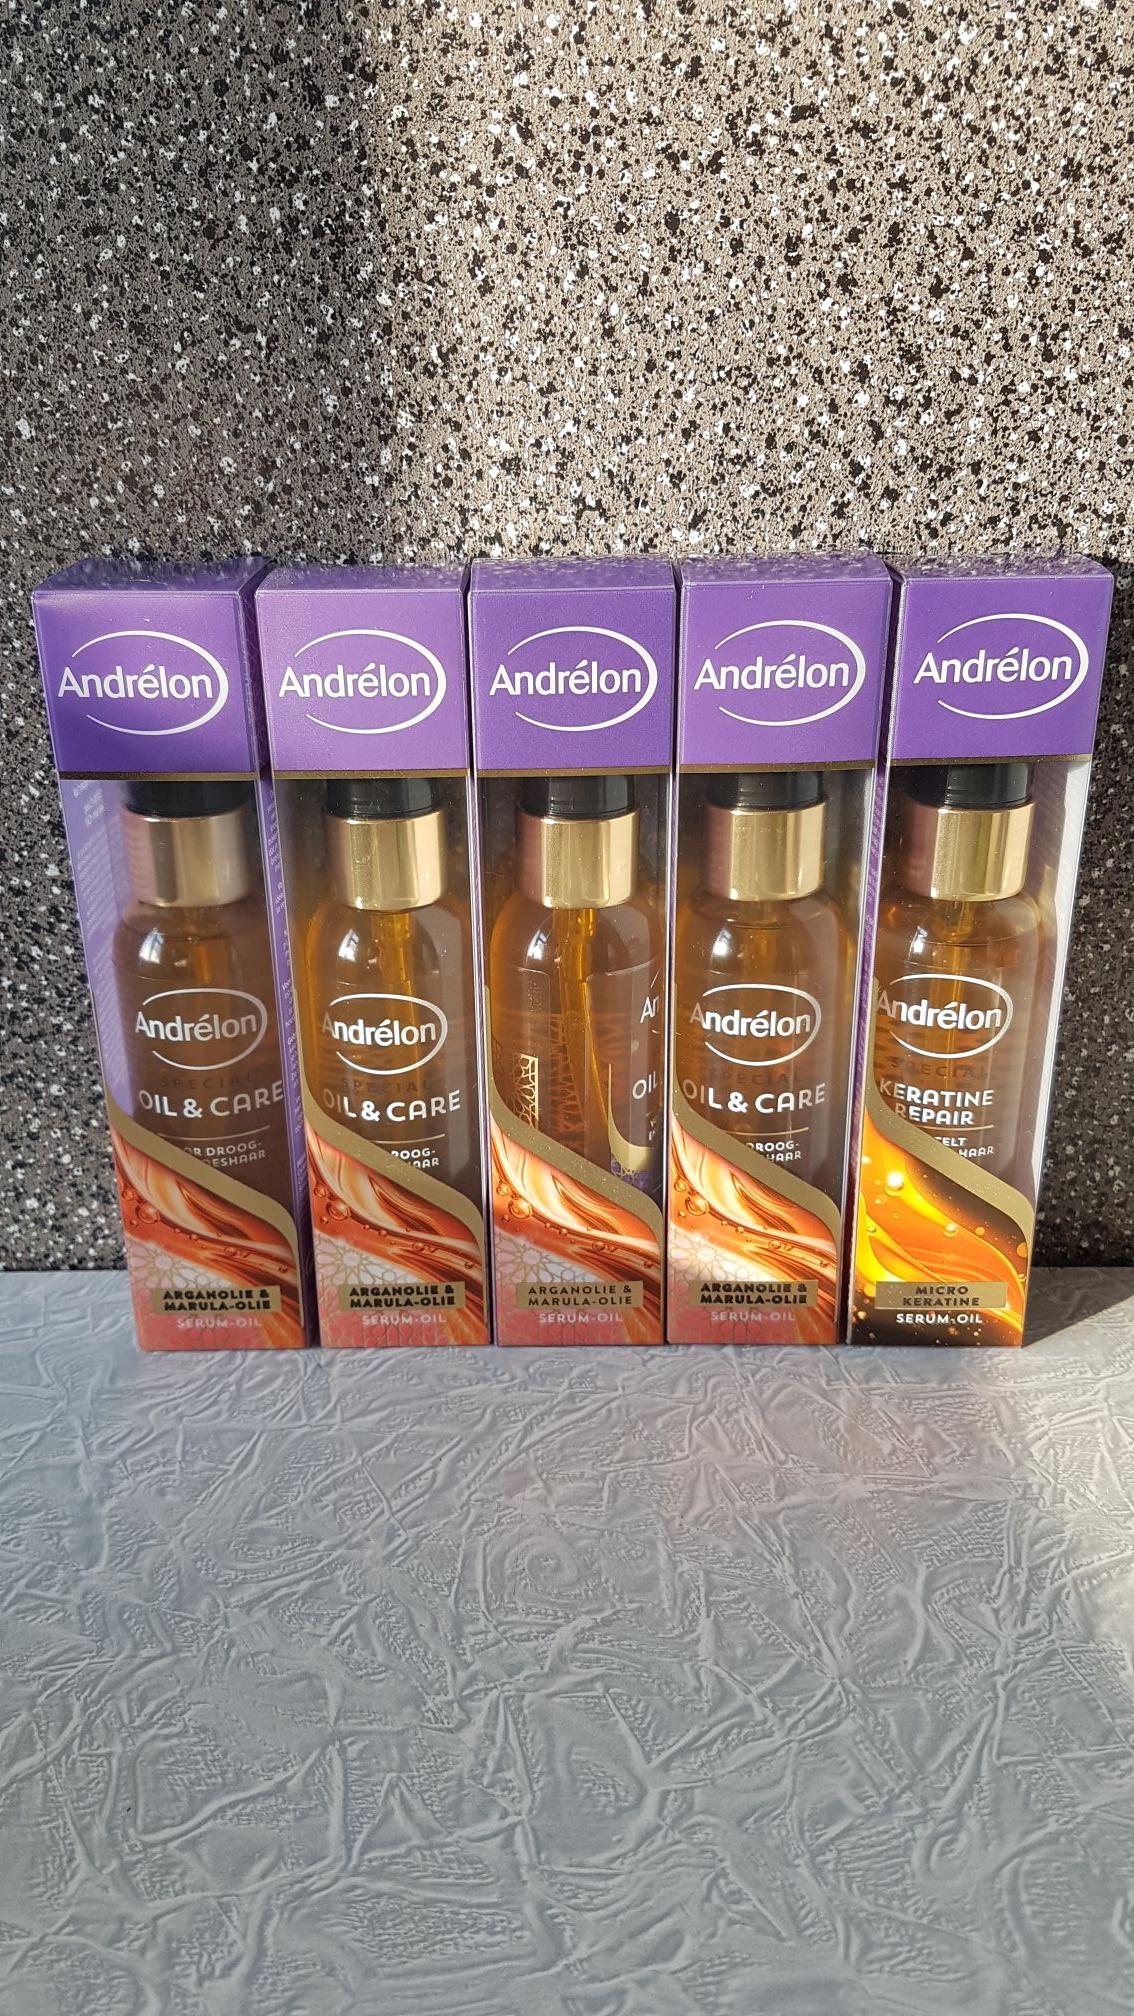 Andrelon serum-oil normale prijs 8.70 per stuk nu 9 euro voor 5 stuks!!!!!